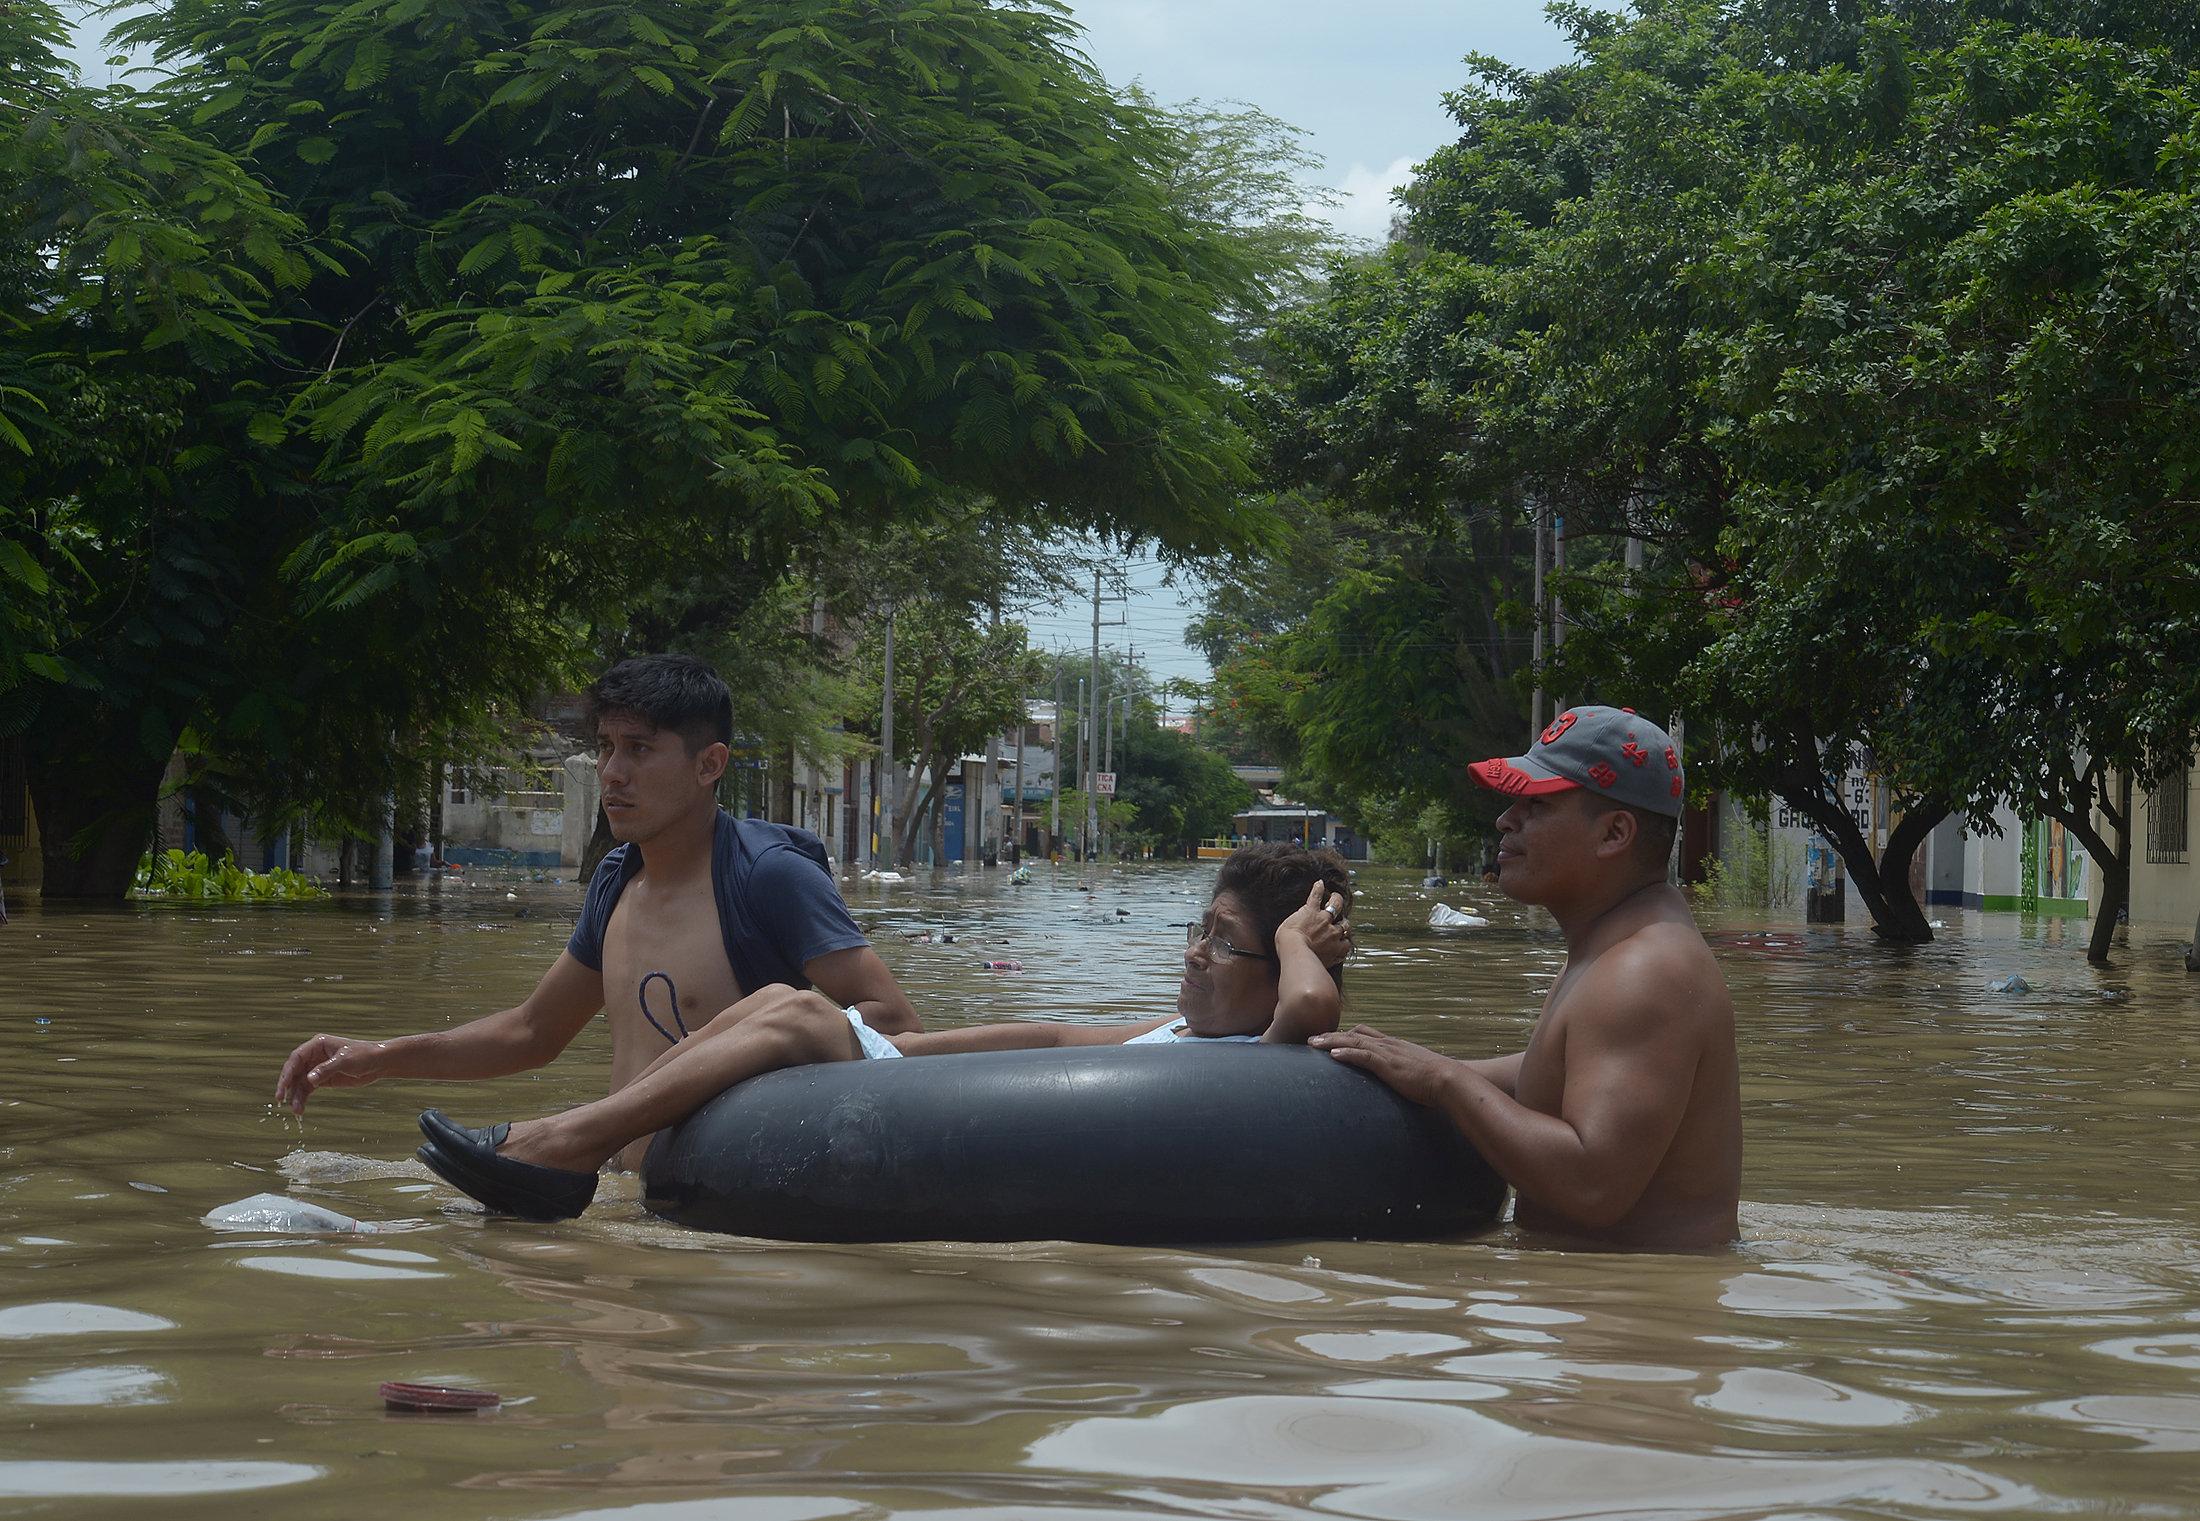 مواطنين يستخدمون العوامات لعبور الشوارع